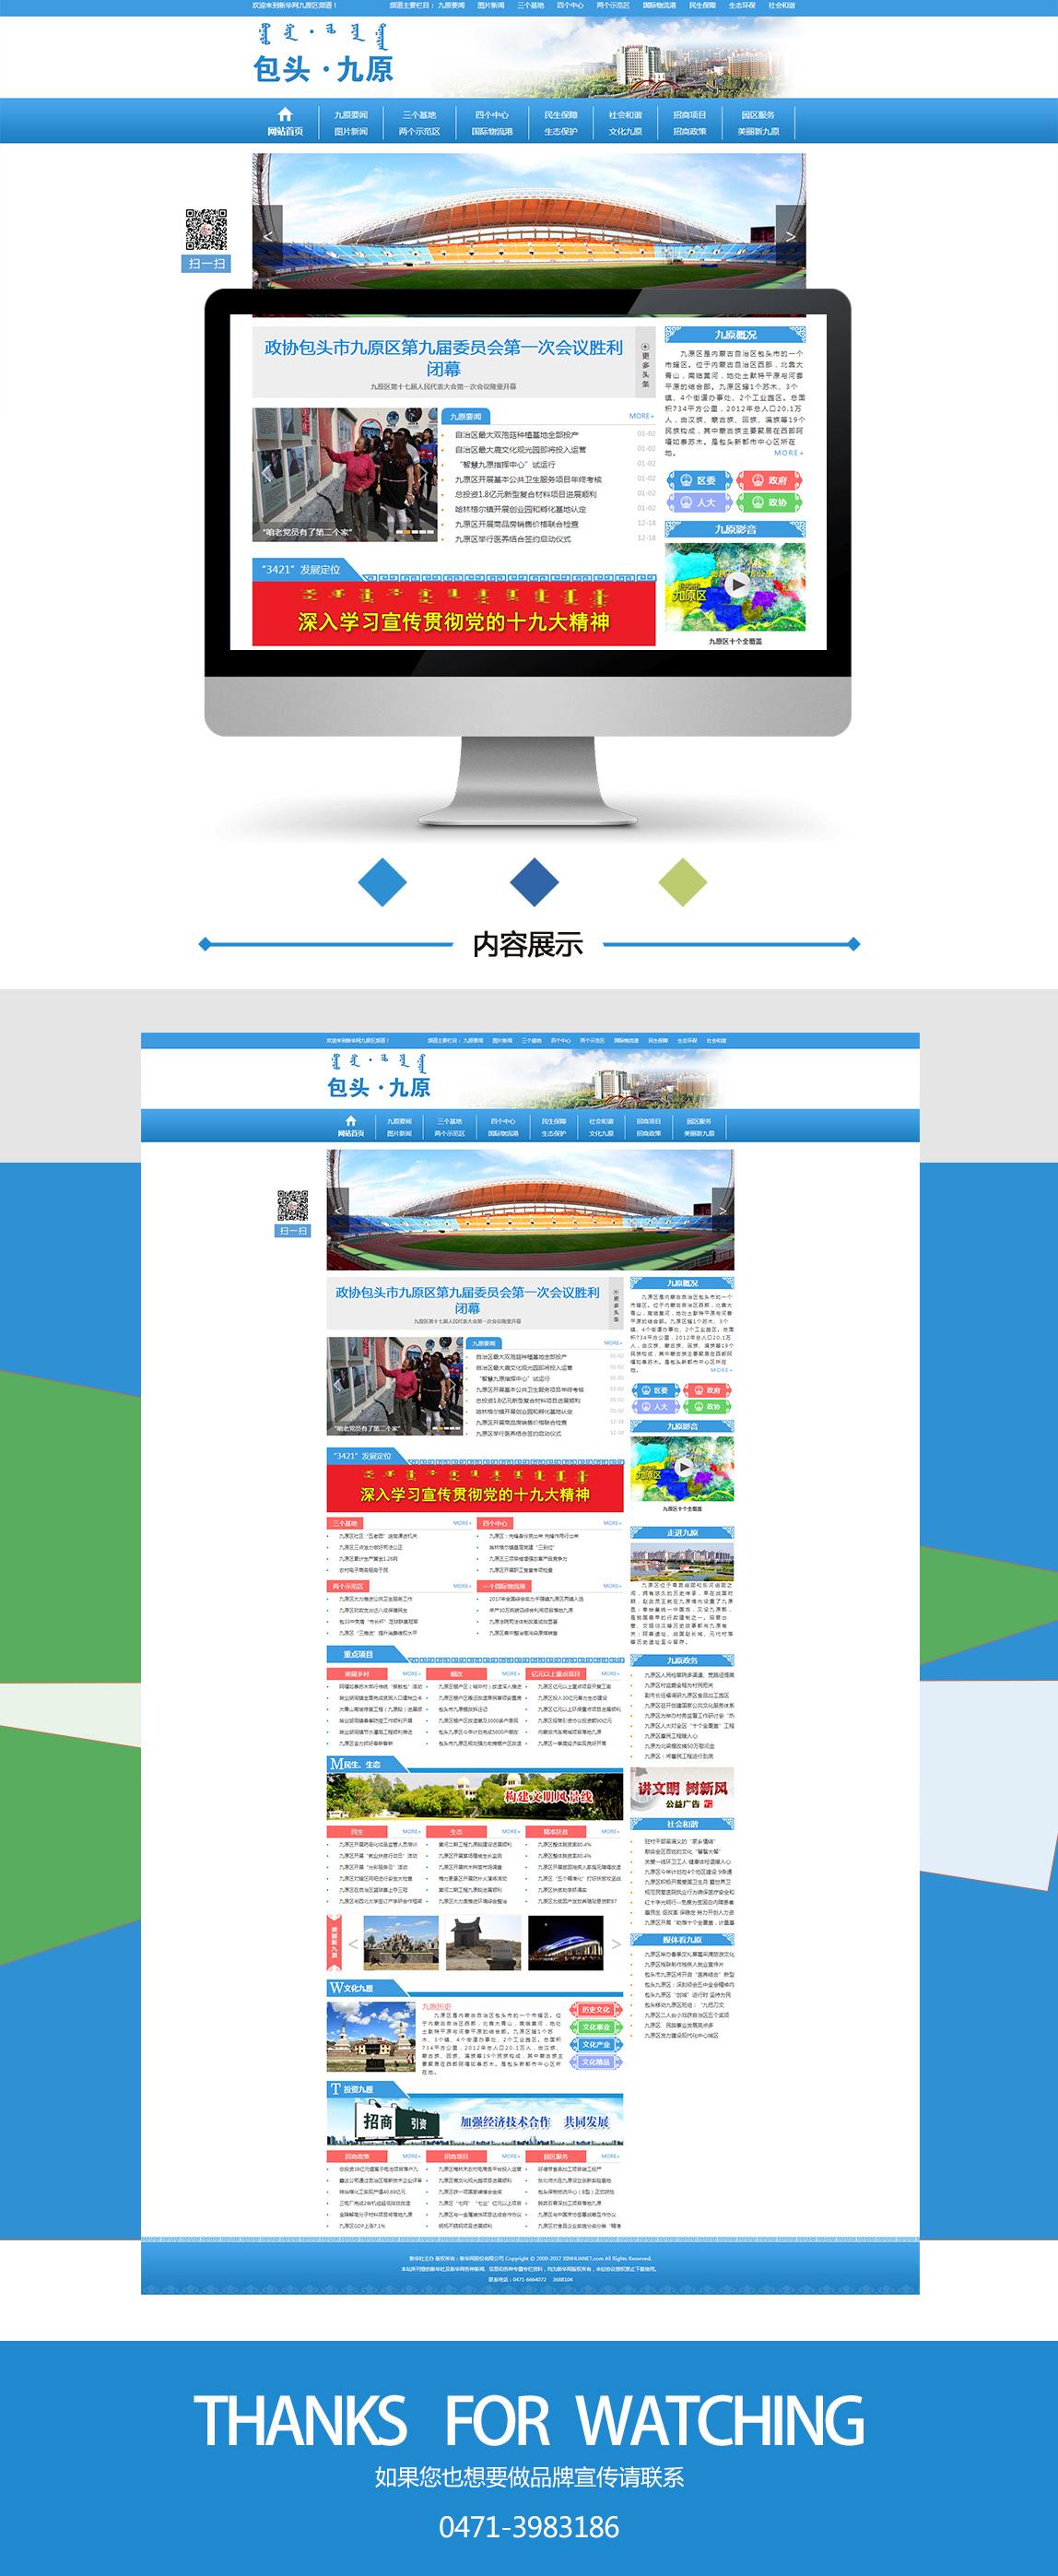 新华网内蒙古频道九原区网页